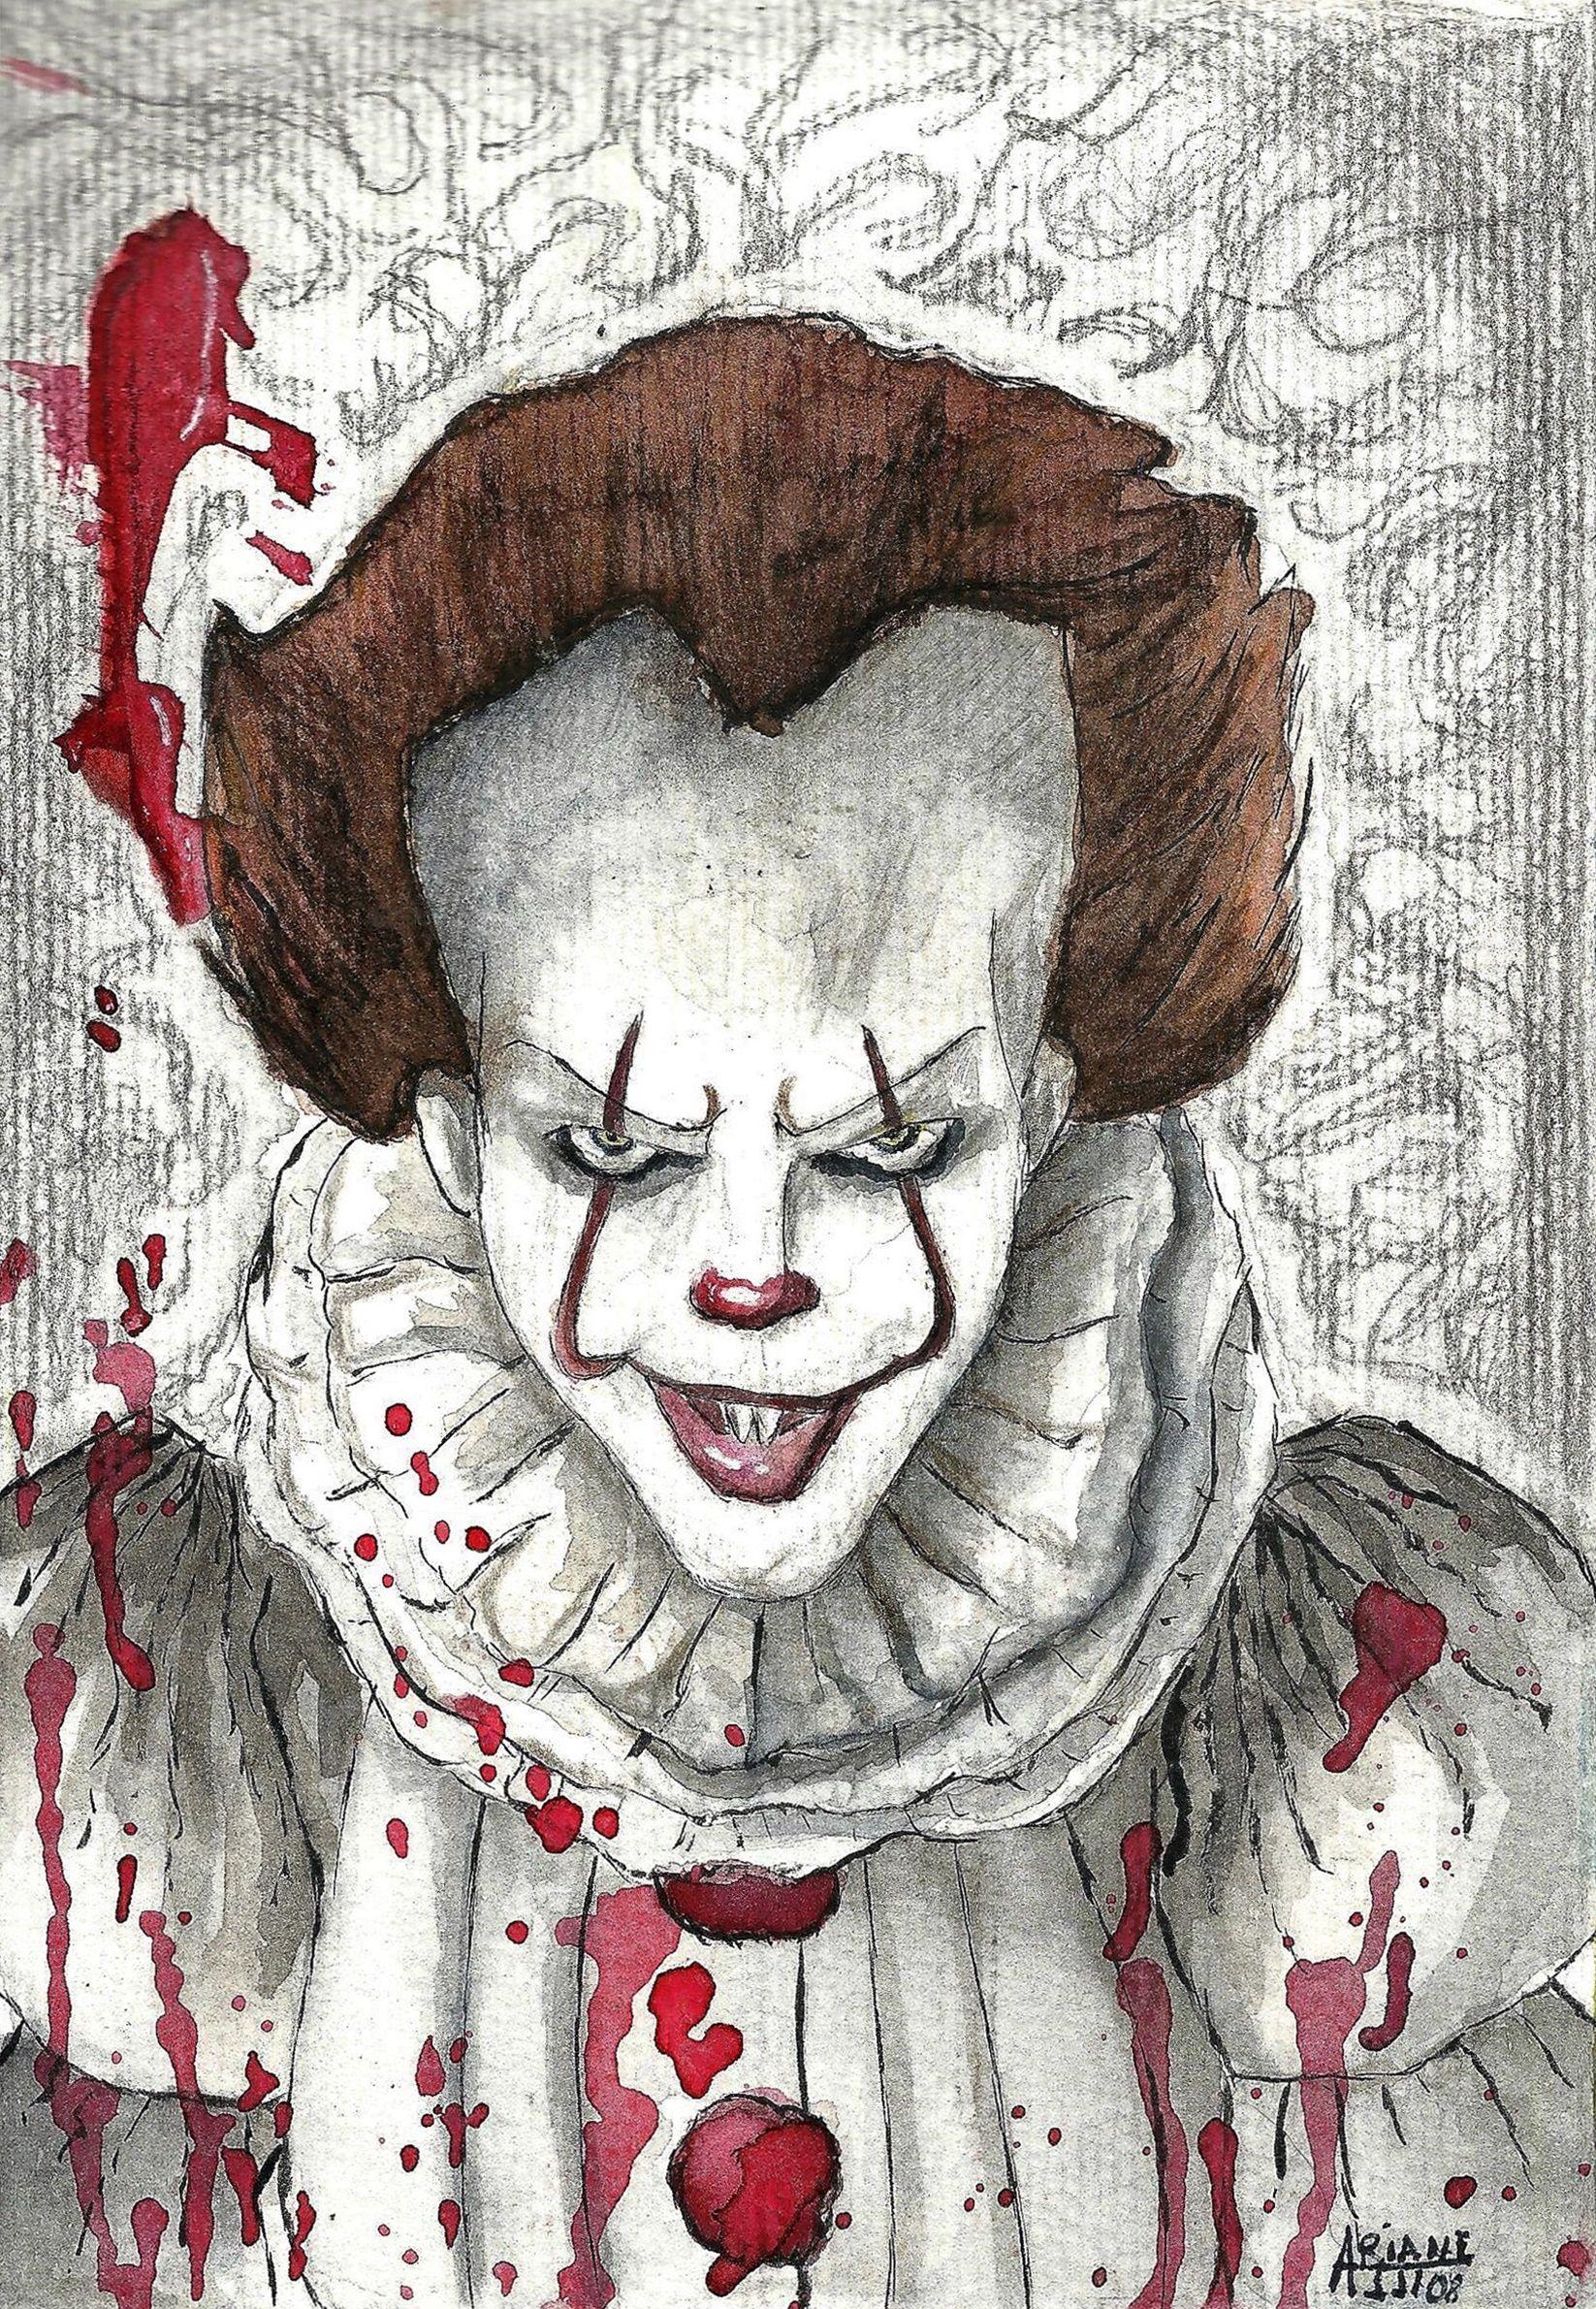 рисунок для хэллоуина пеннивайз известная борьба кетамином